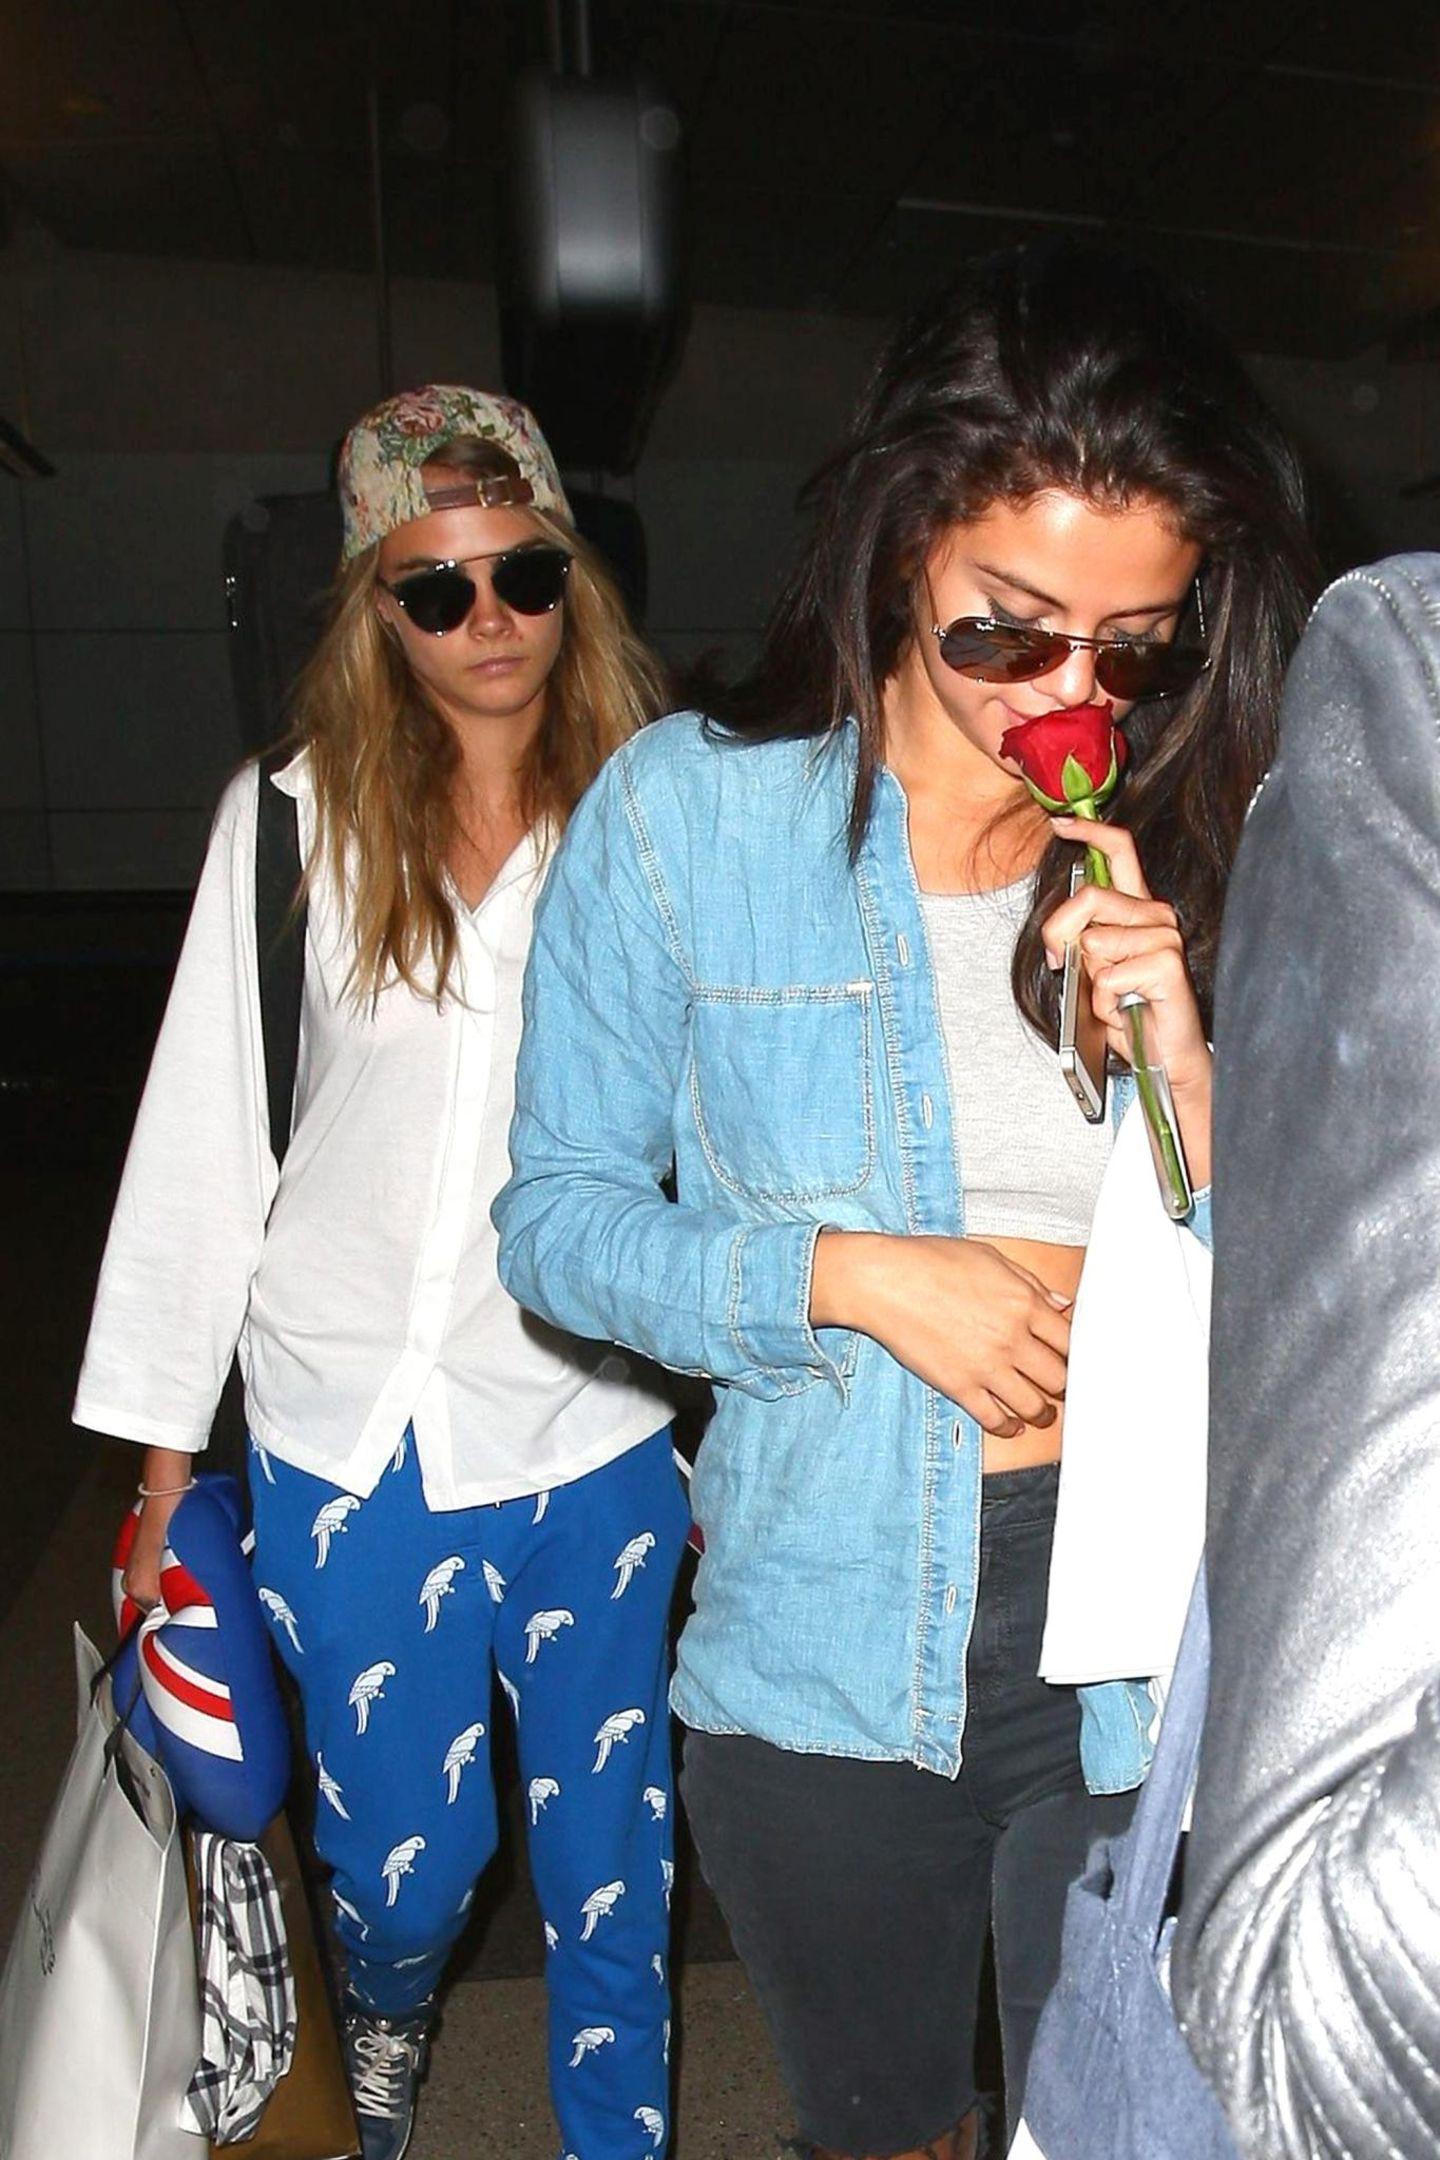 Cara Delevingne und Selena Gomez kommen nach ihrem gemeinsamen Frankreich-Urlaub wieder in Los Angeles an.